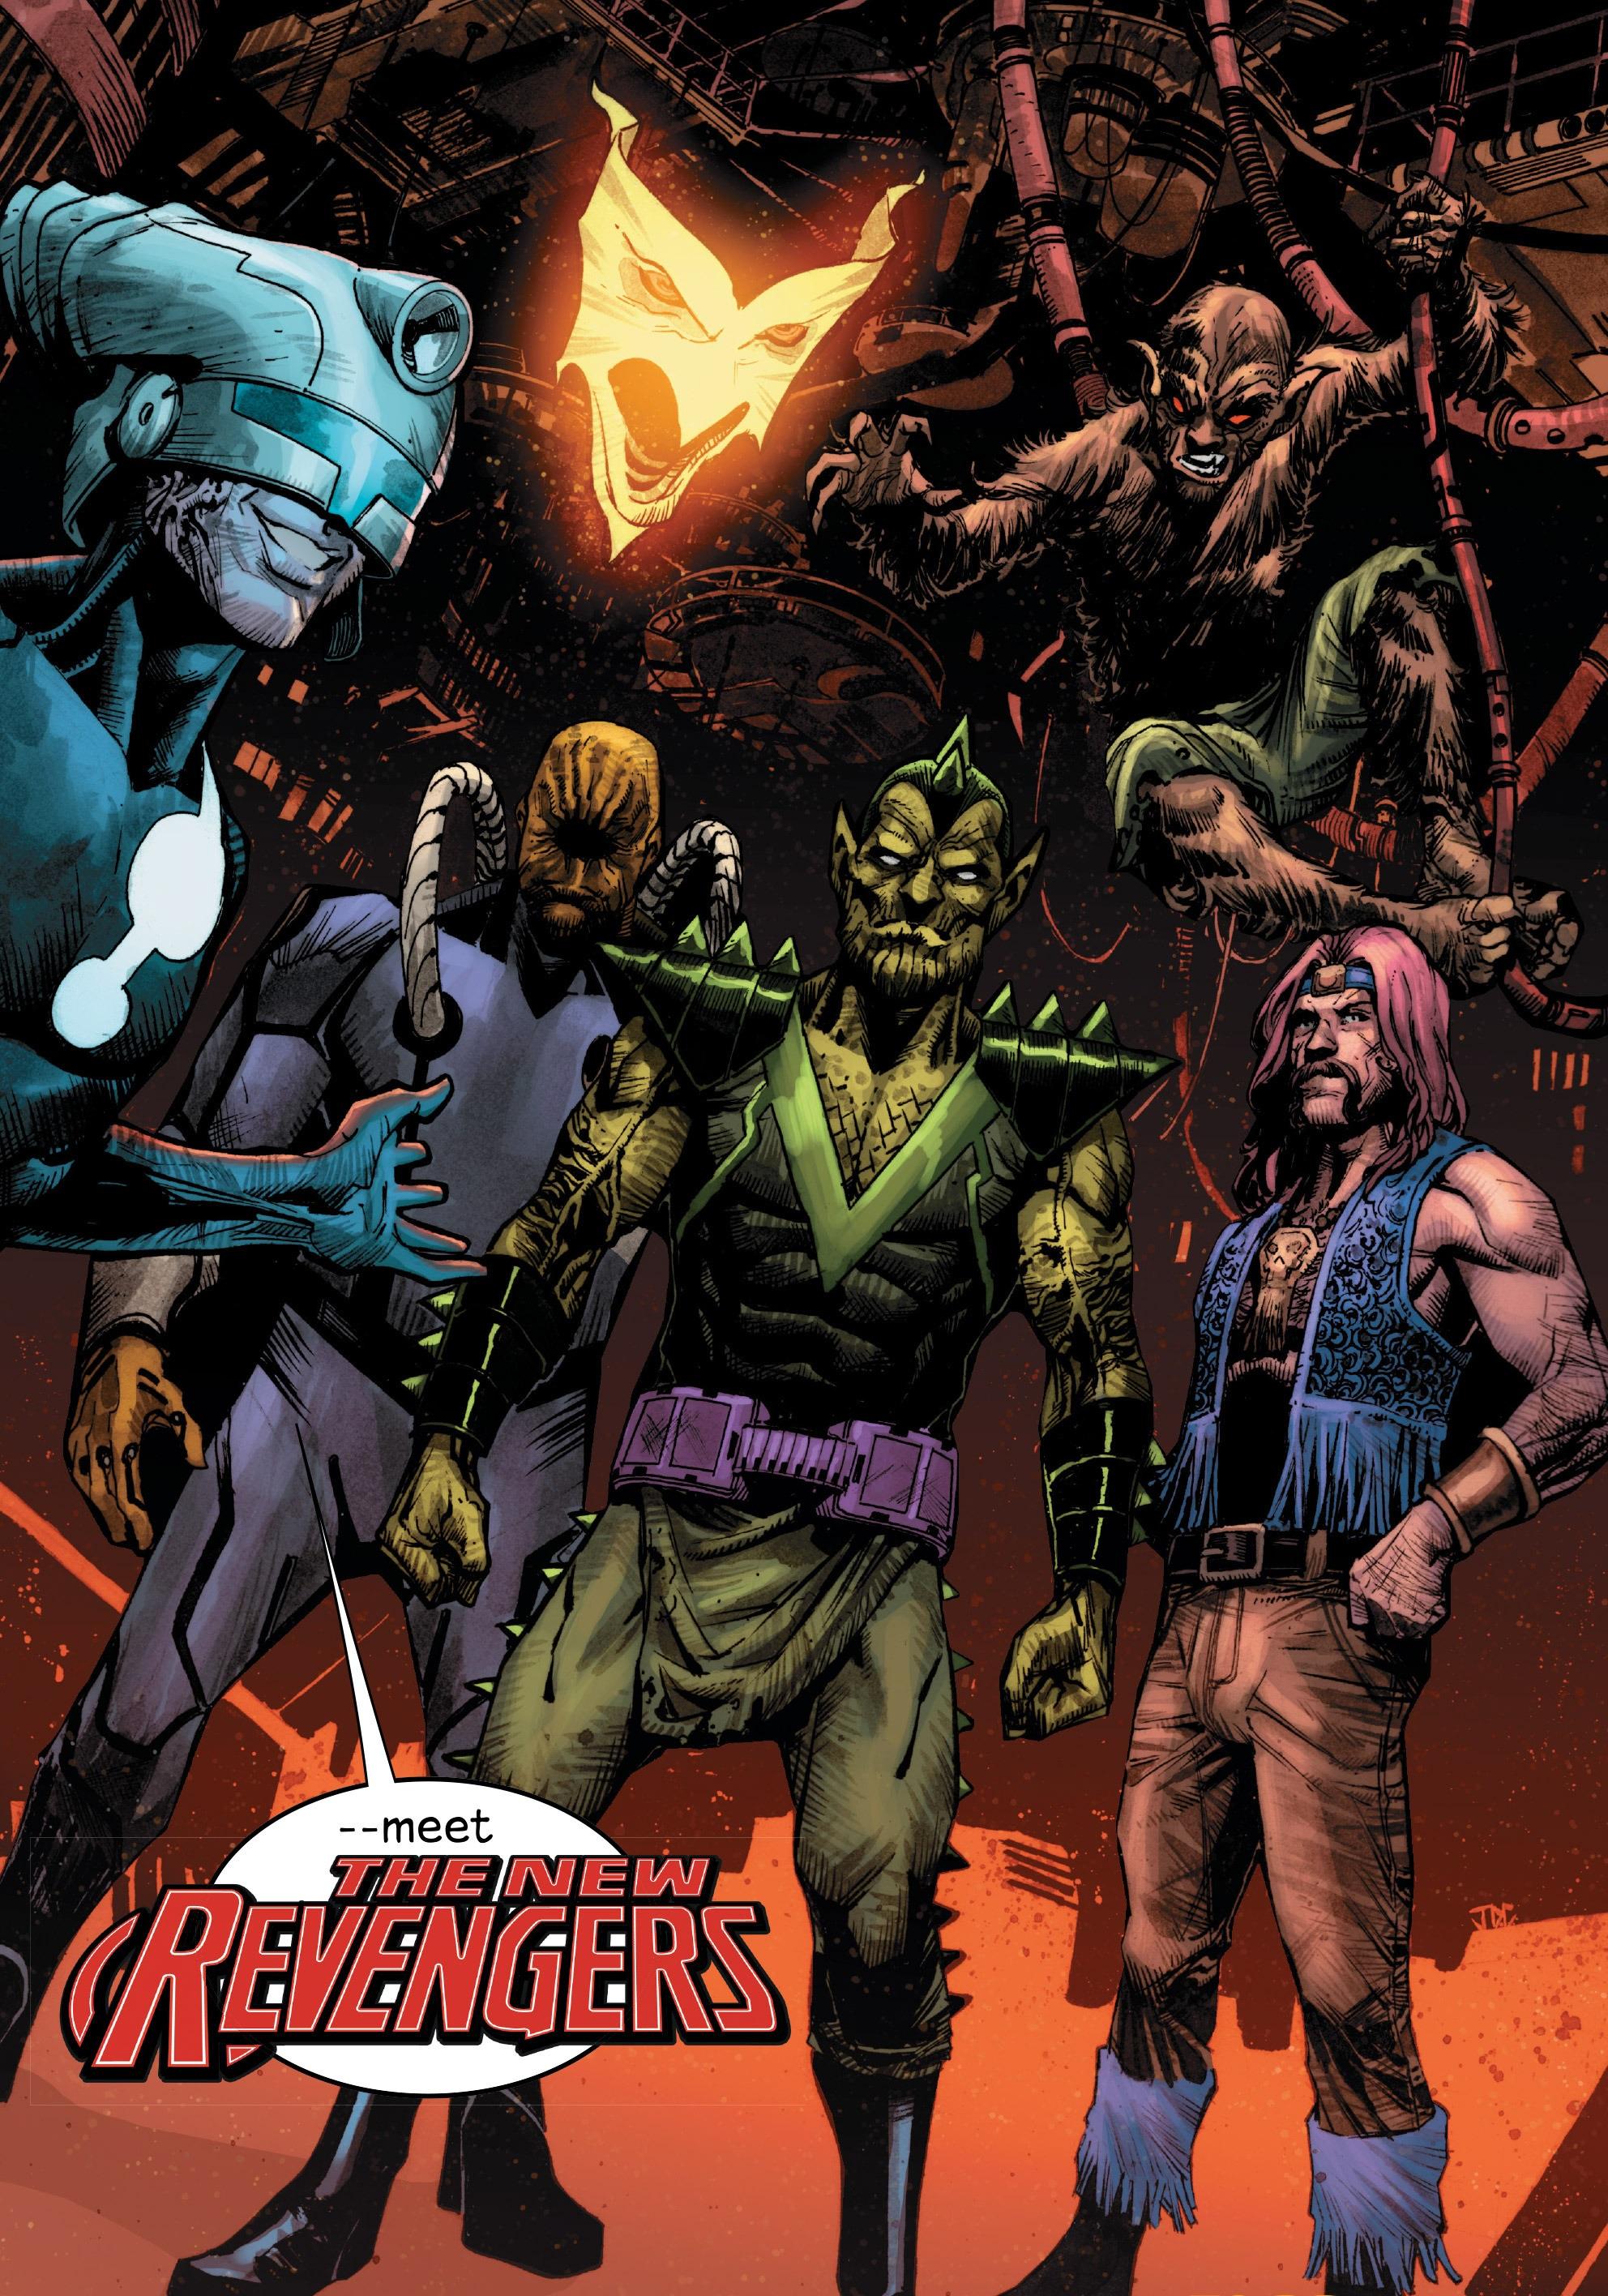 New Revengers (Earth-616)/Gallery